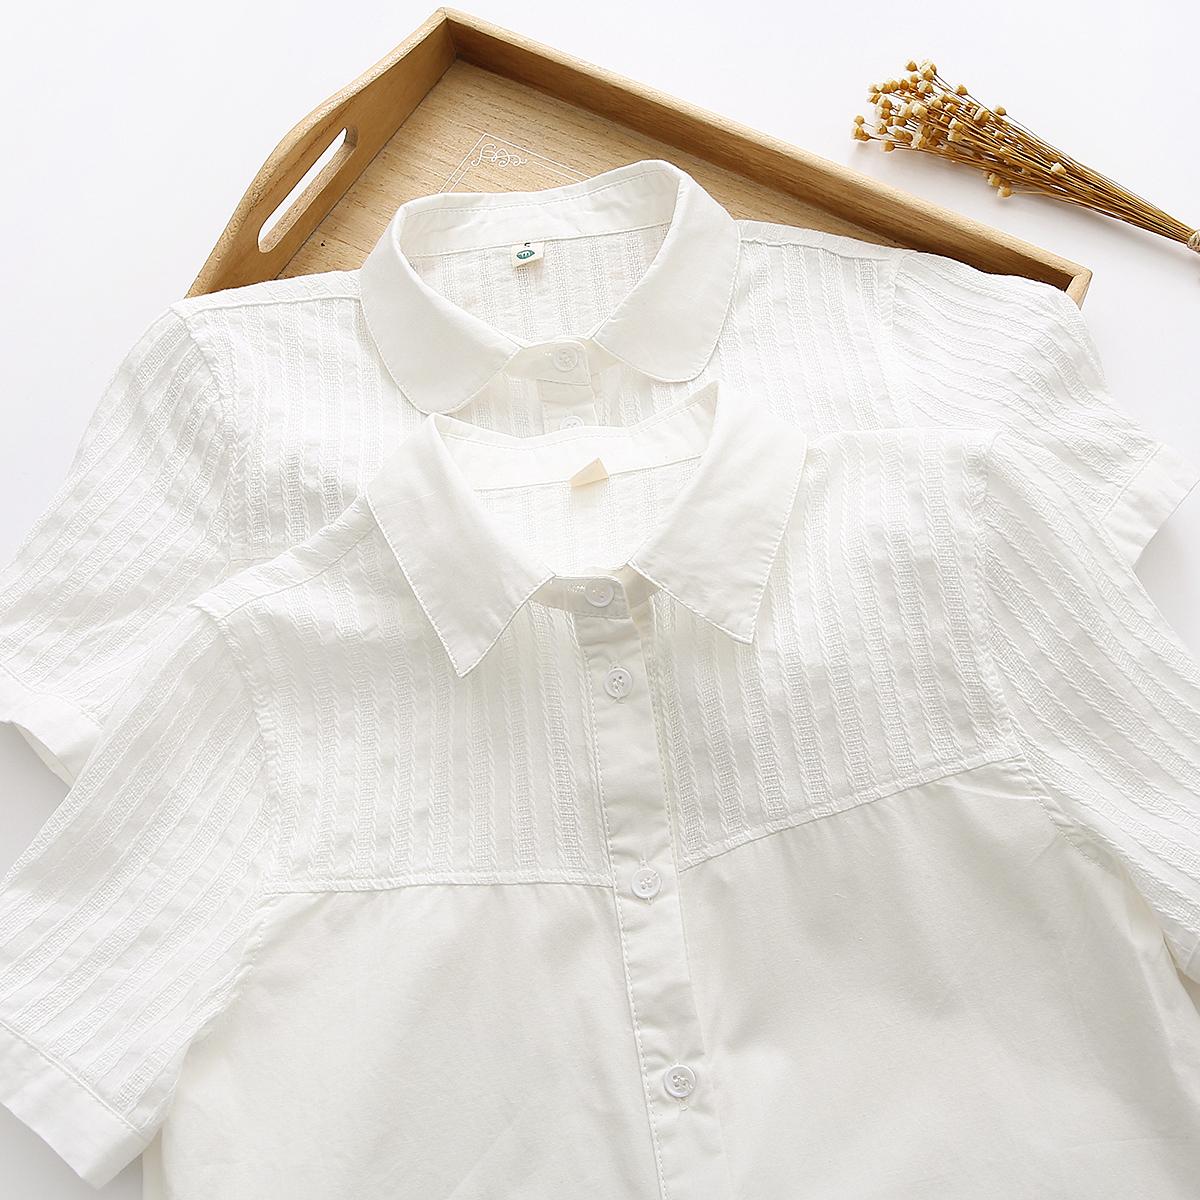 2021夏季新款娃娃领纯棉白色薄款短袖衬衫女学生宽松百搭职业衬衣